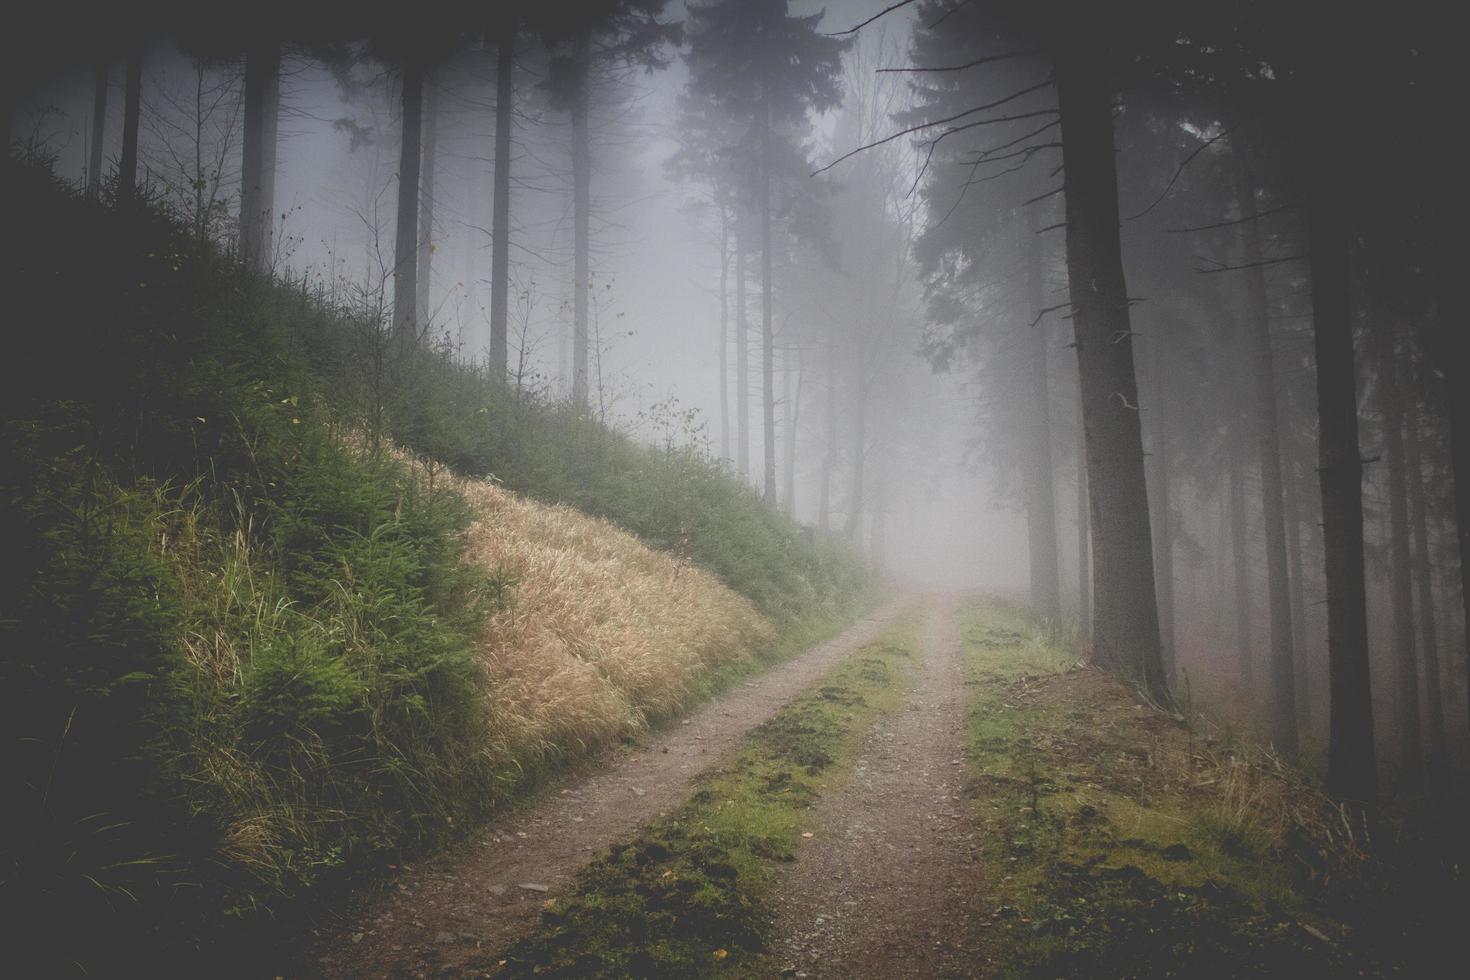 camino brumoso del bosque foto